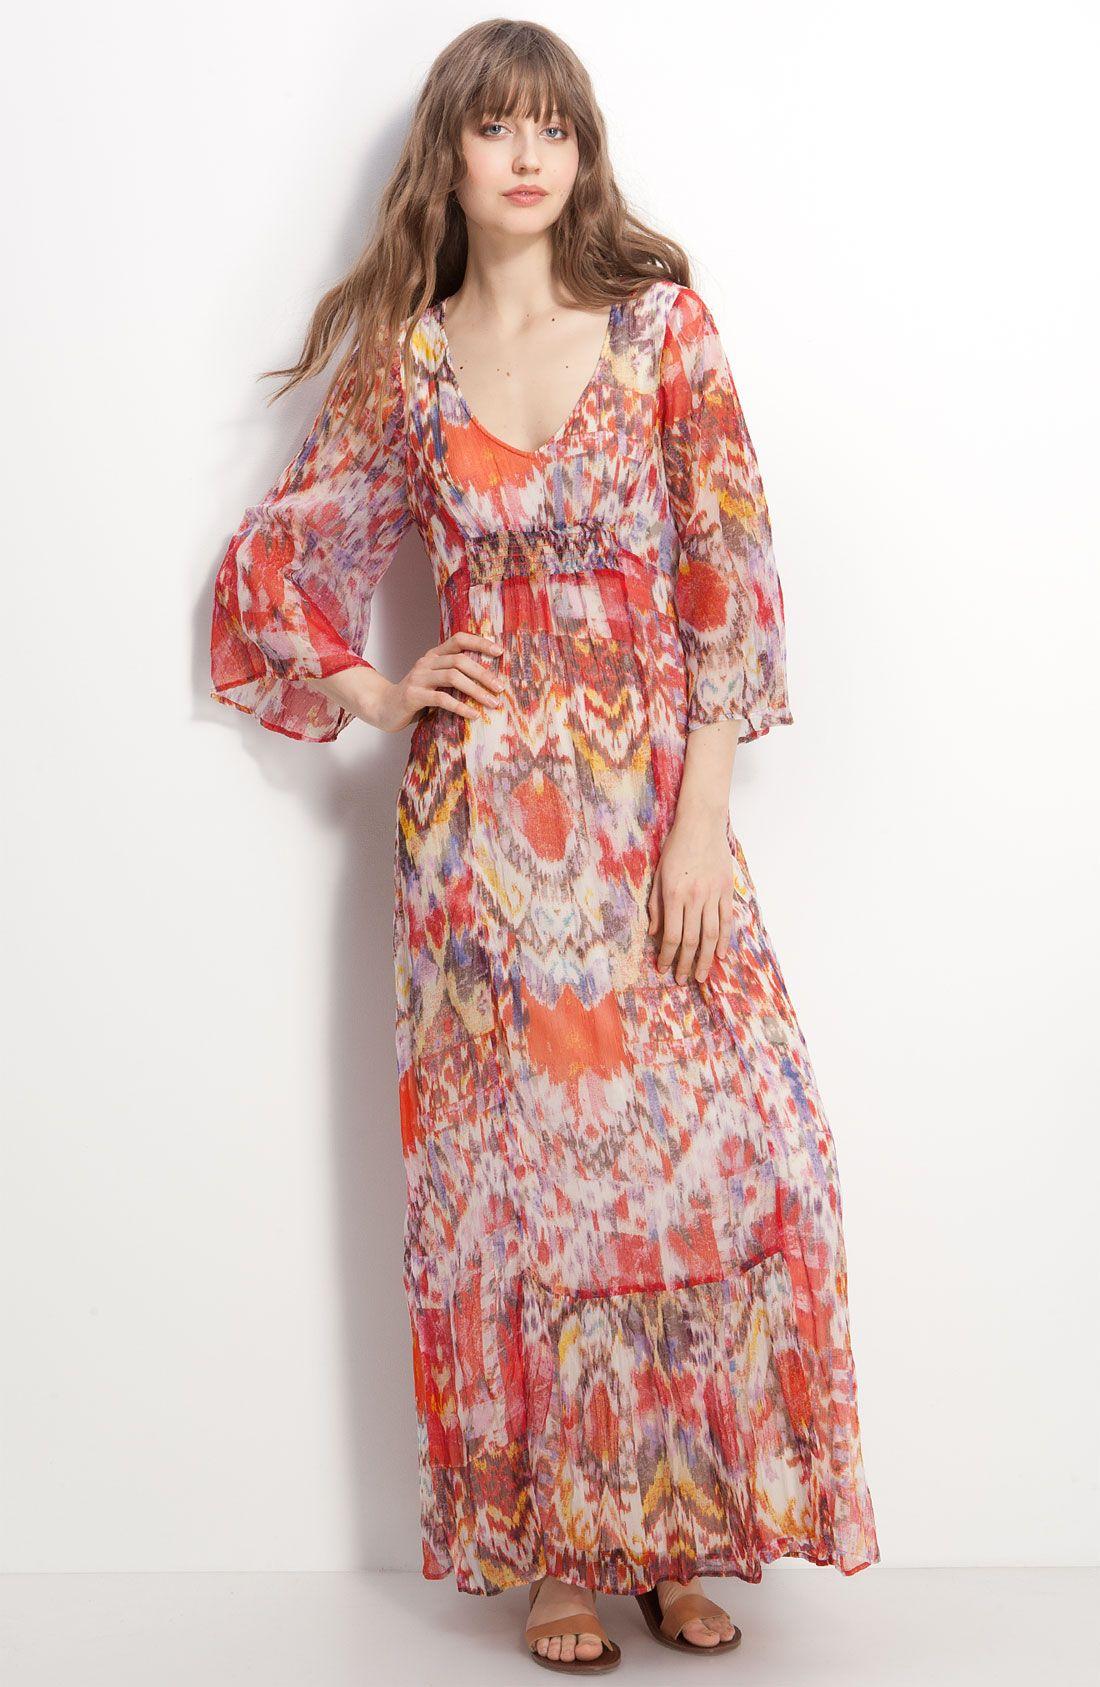 Moderno Vestidos De Dama Menuda Molde - Colección de Vestidos de ...